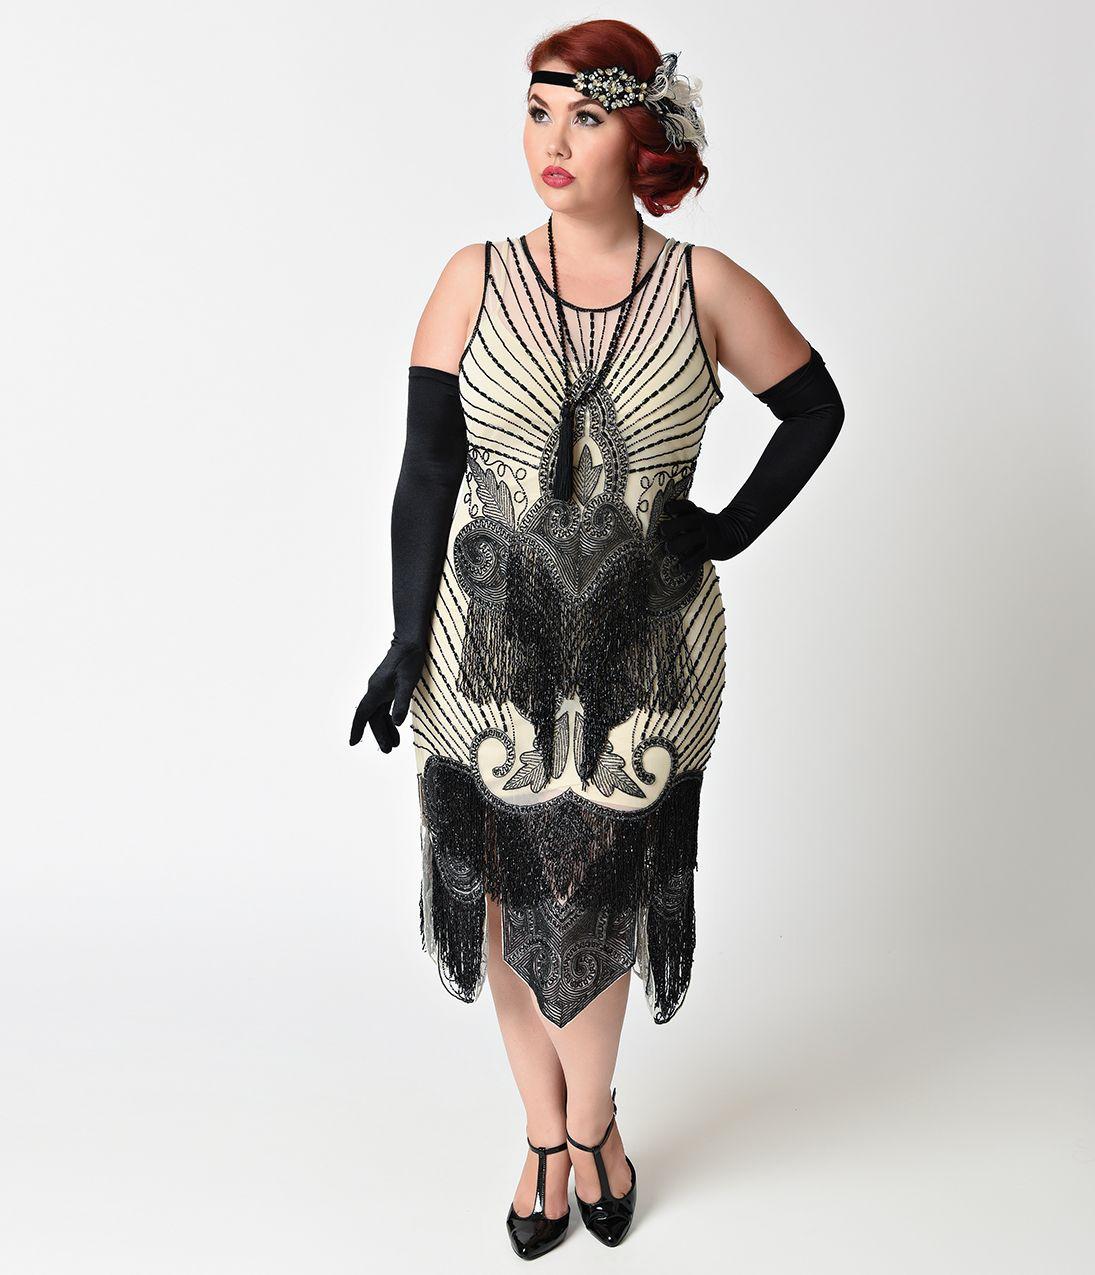 1920s Style Cocktail Party Dresses, Evening Gowns   Preto, Estilo ...